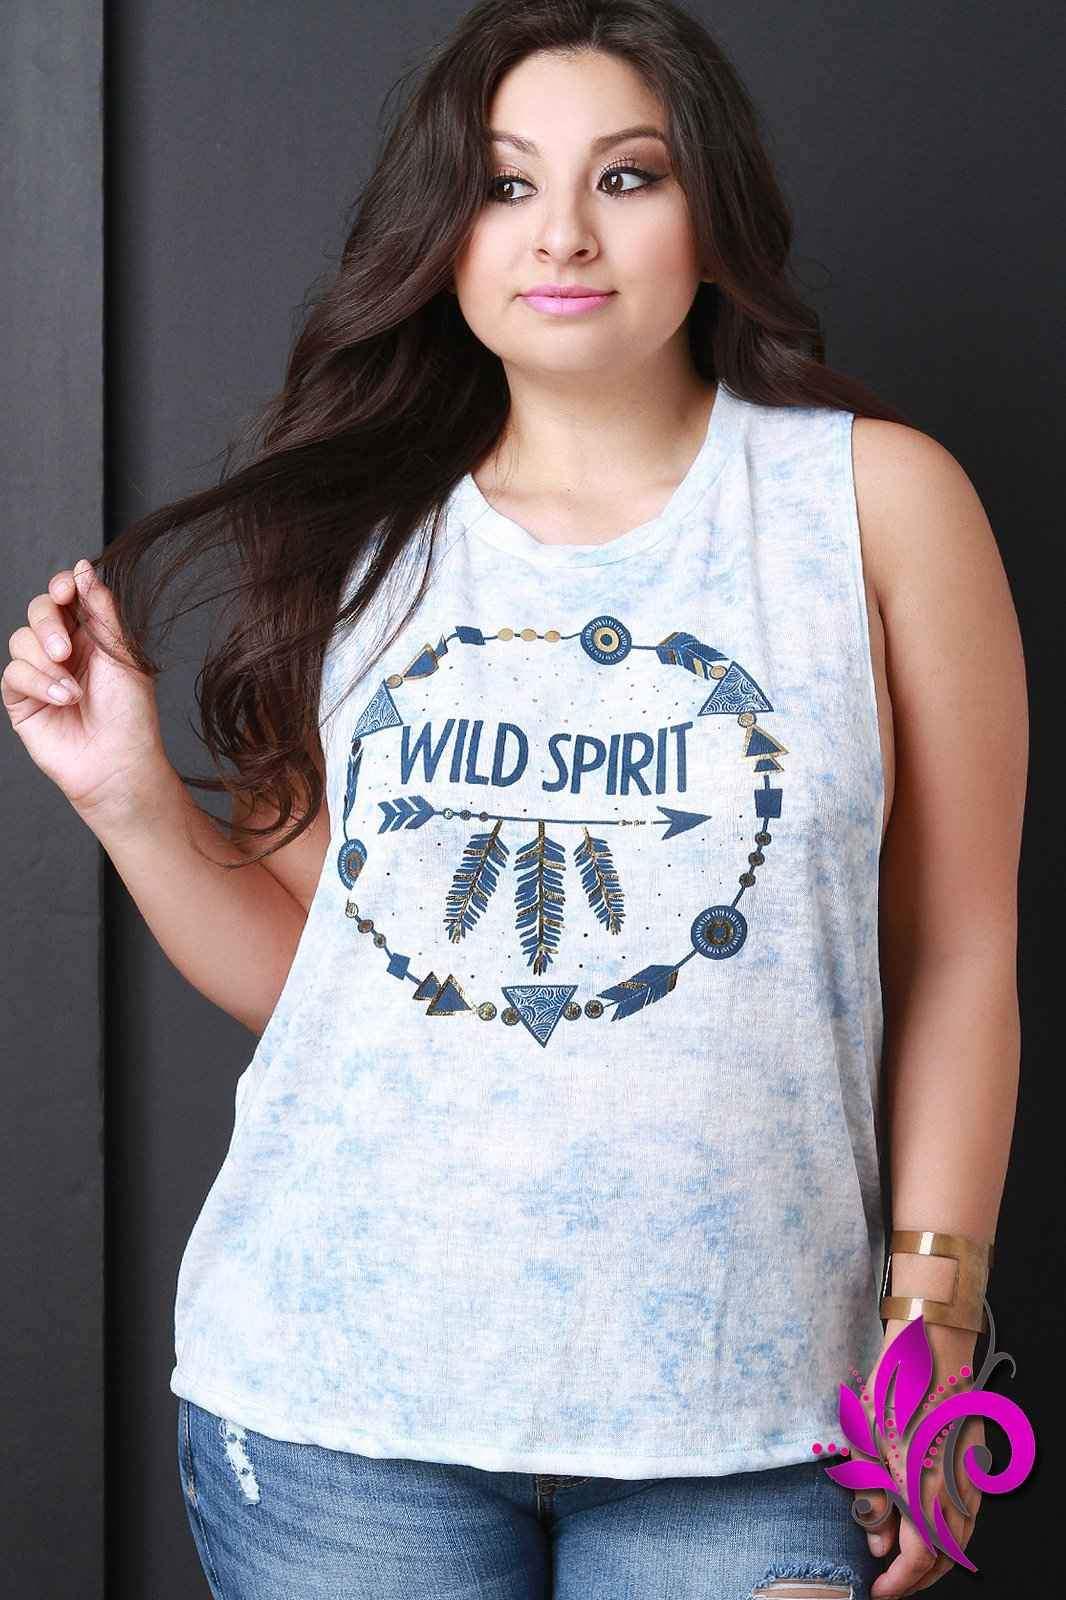 Wild Spirit Tie Dye Tank Top | Products | Pinterest